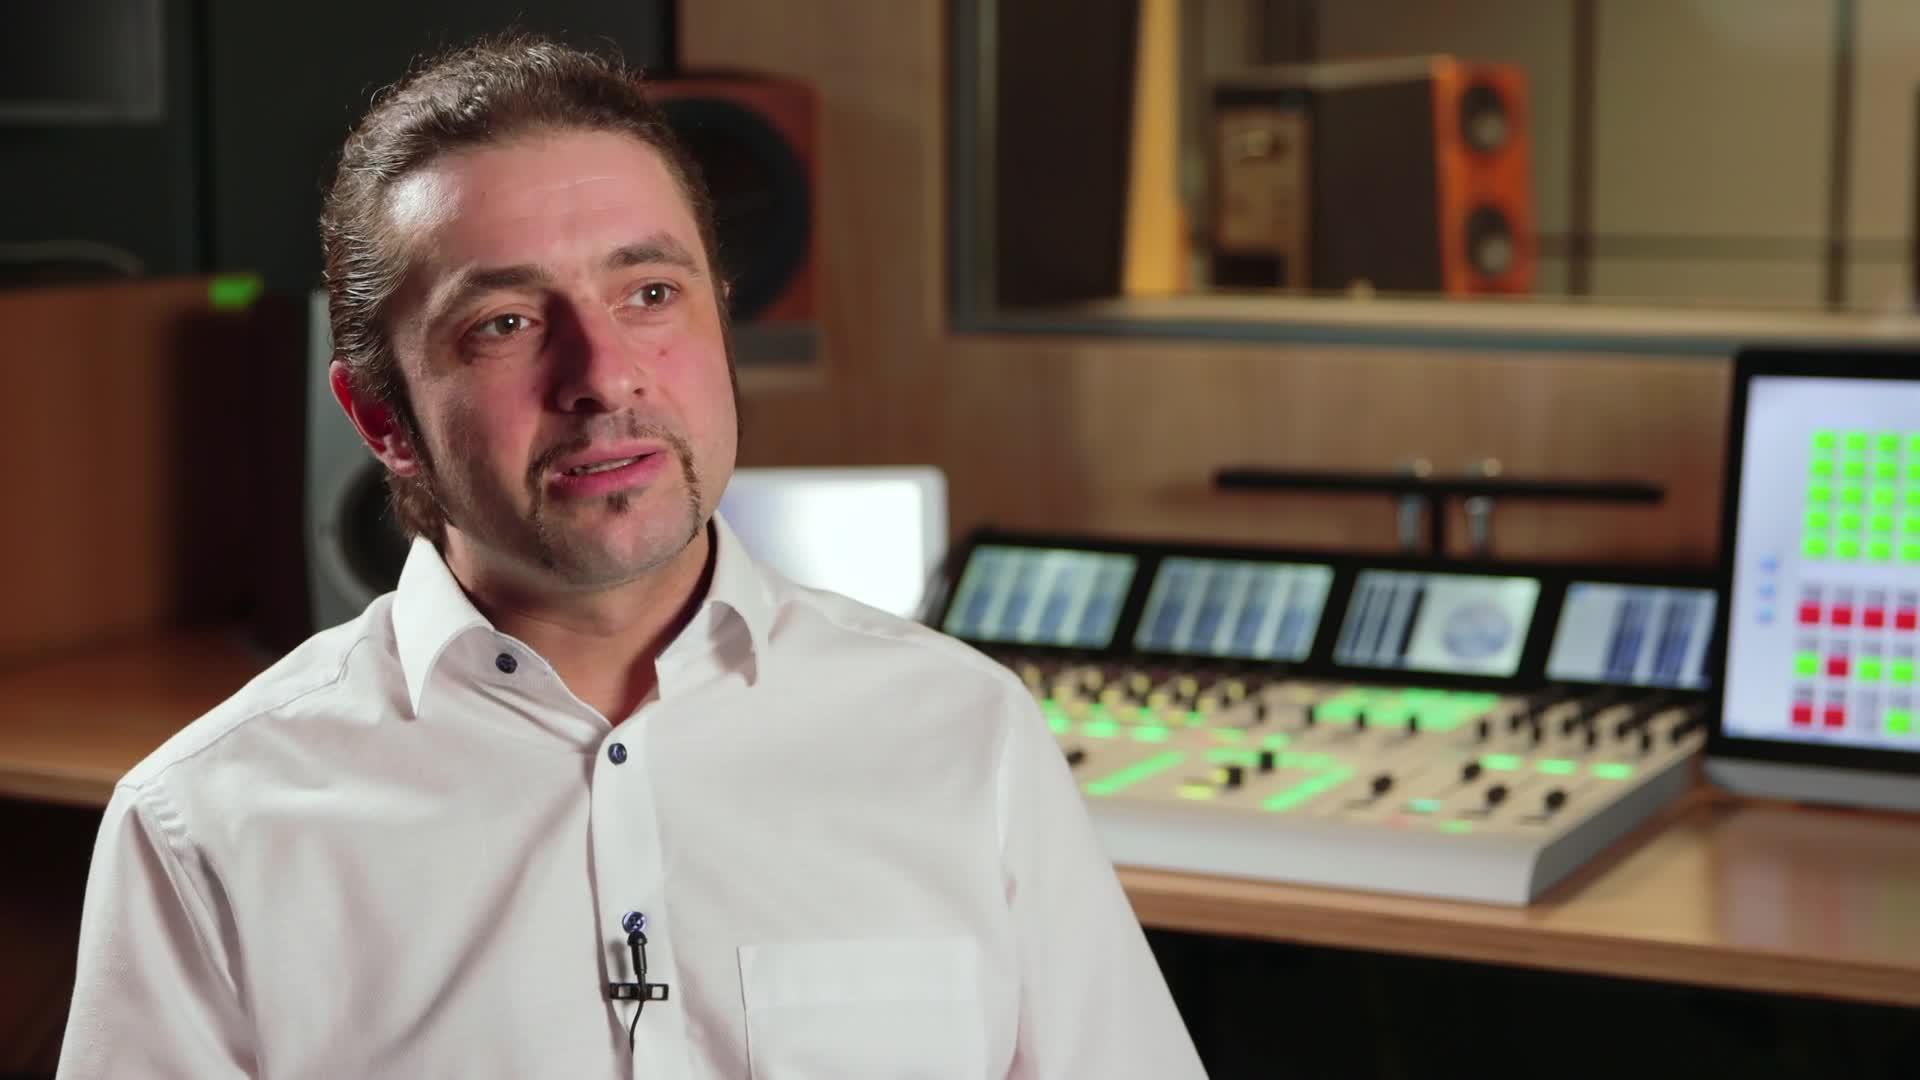 Prof. Dr. Frank Wefers - Was höre ich in einer virtuellen Welt? preview image